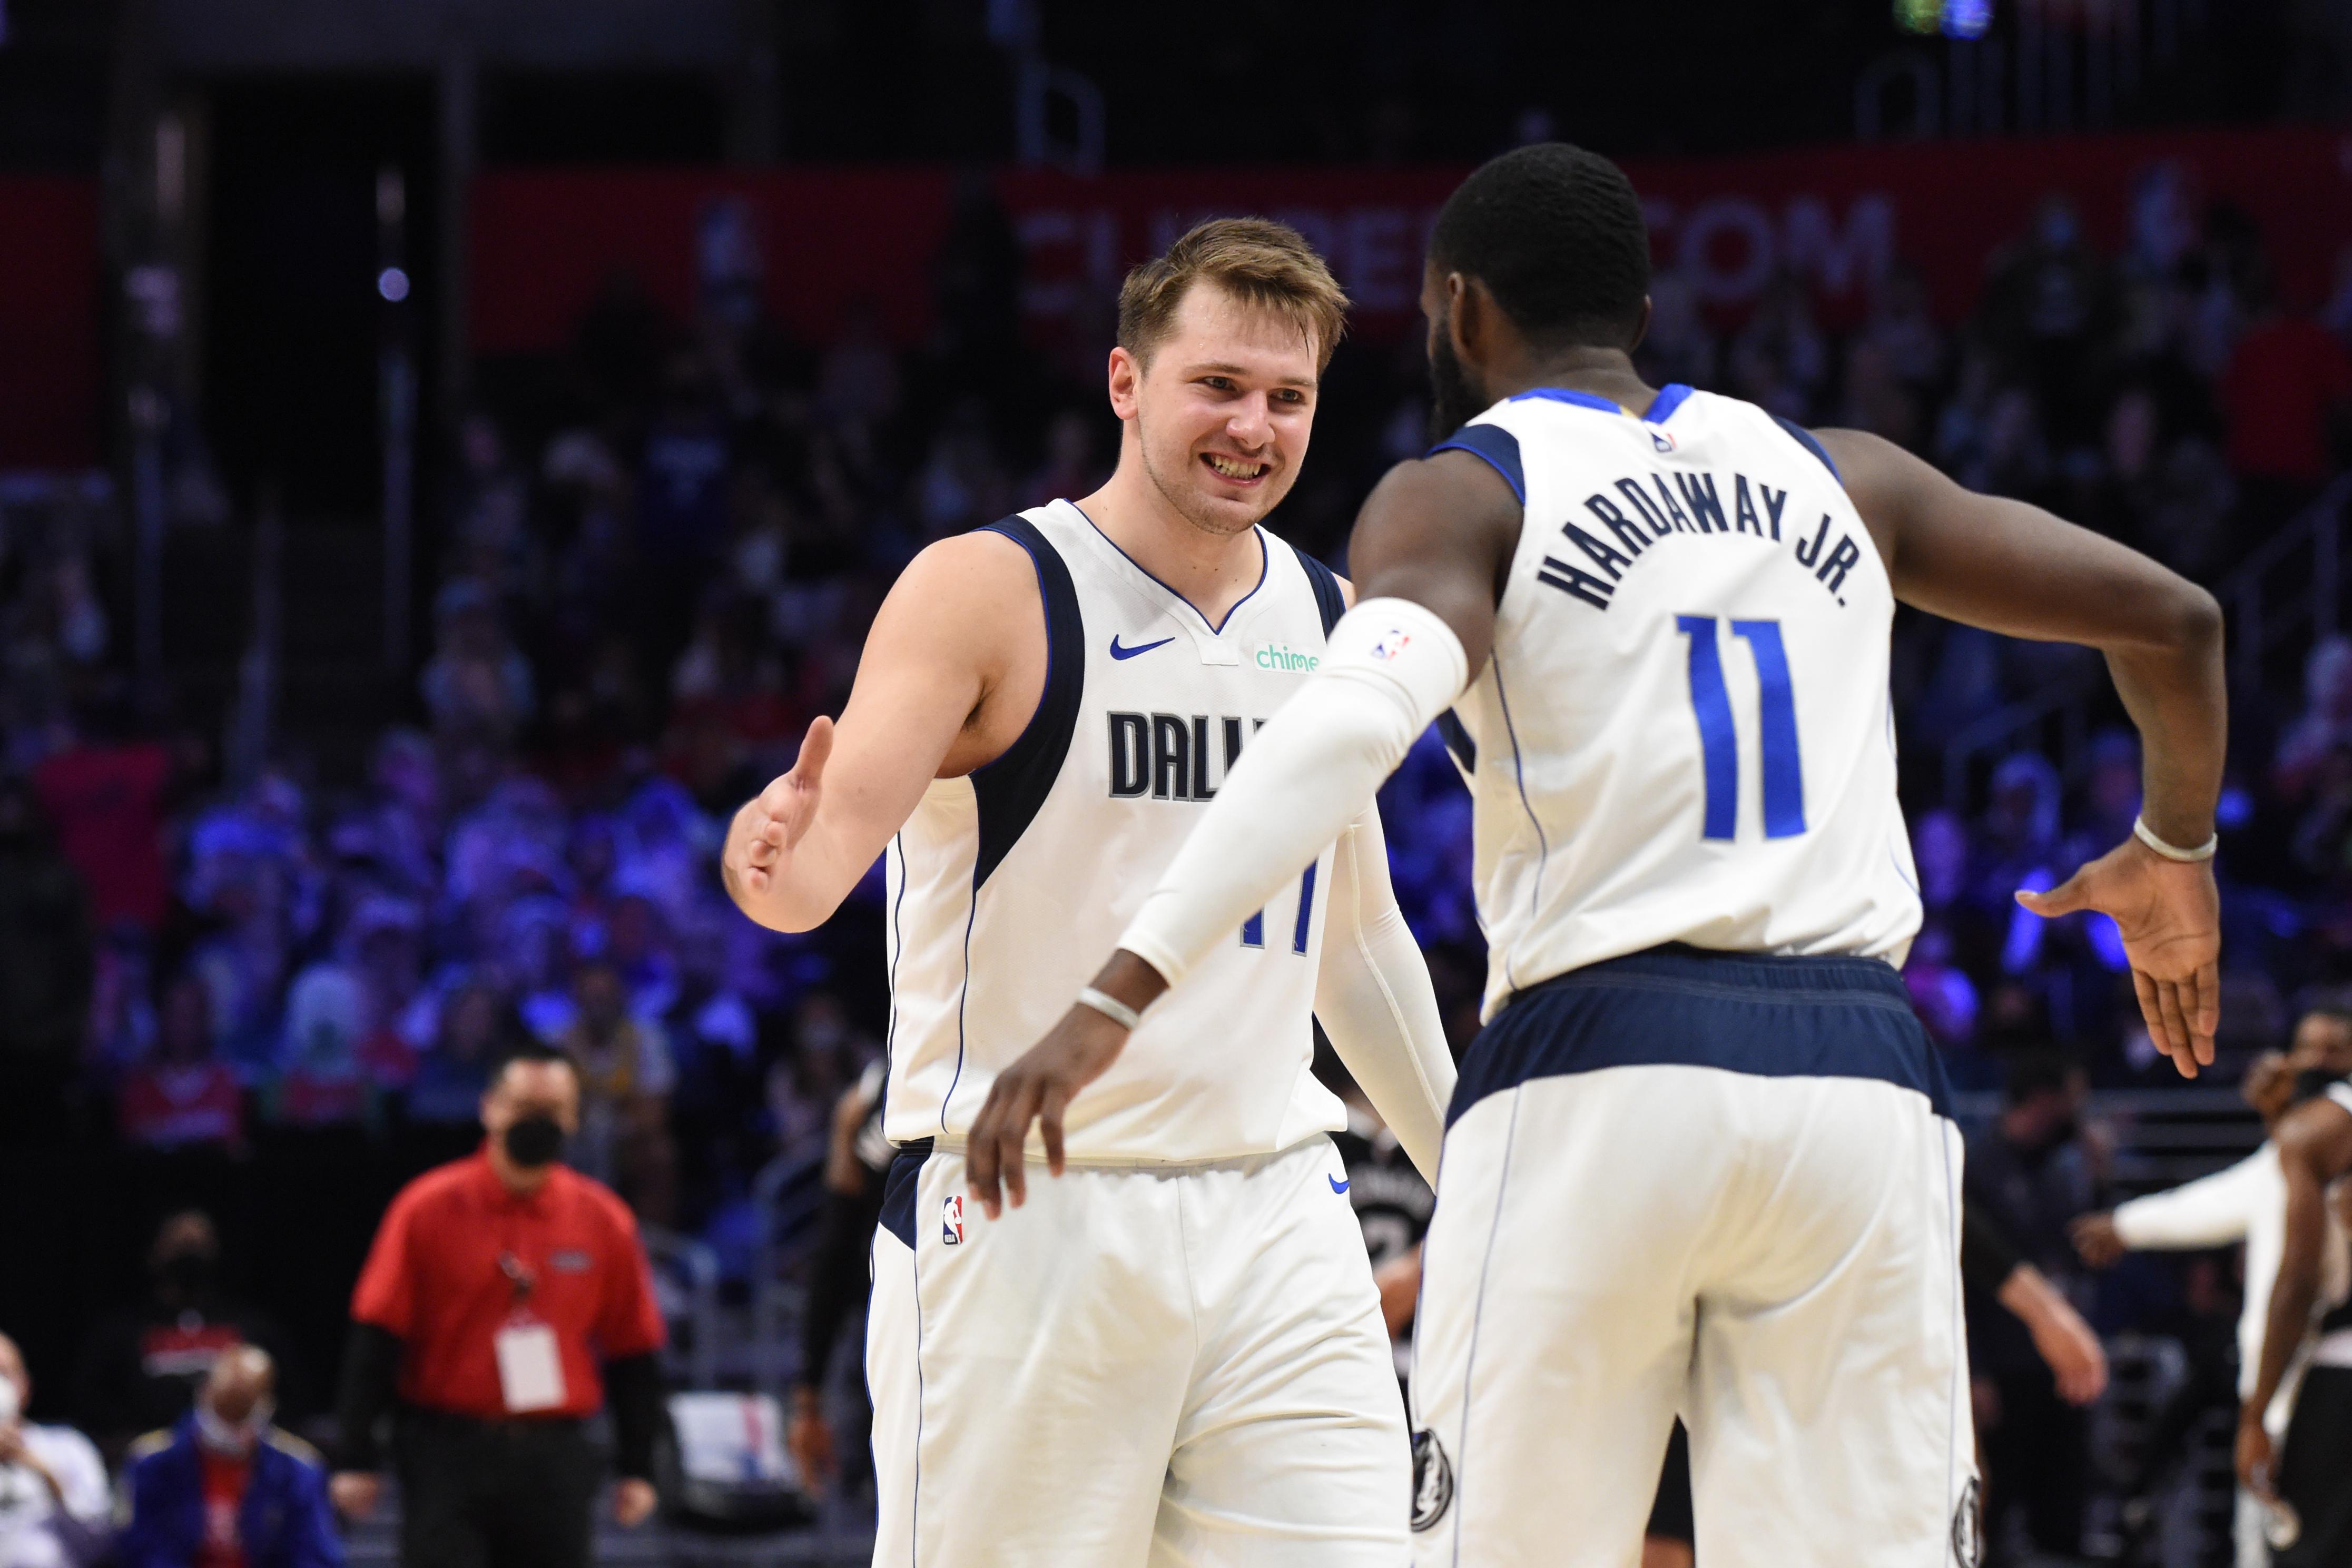 2021年NBA季后赛-达拉斯小牛队对洛杉矶快船队